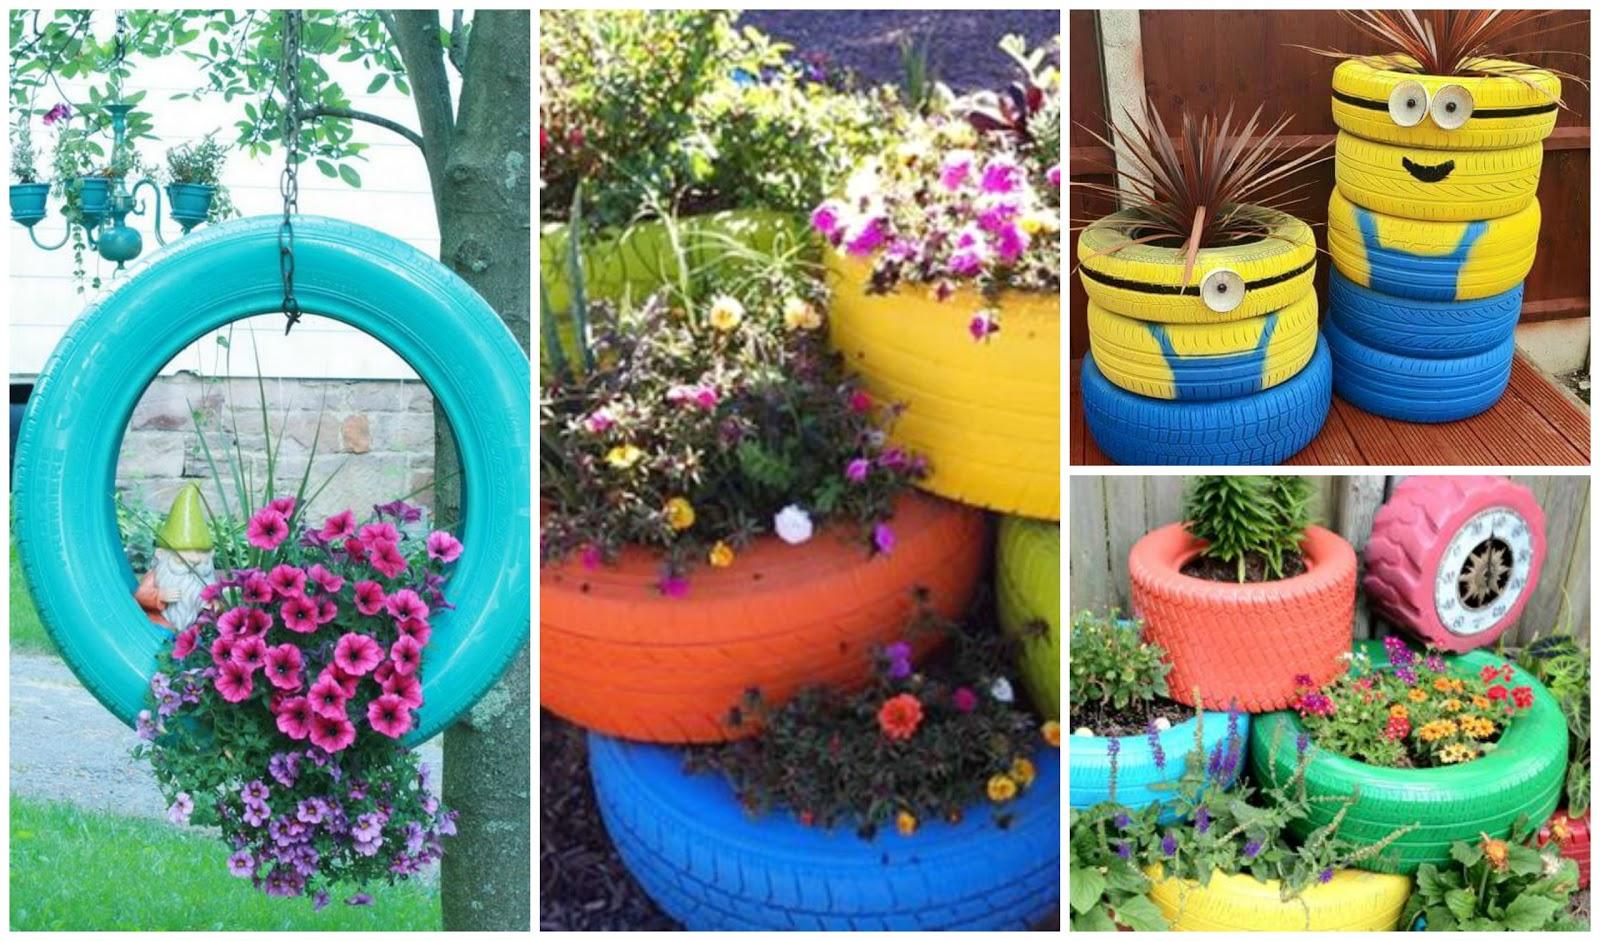 Reciclando con erika reciclaje de llantas o neum ticos for Modelos de jardines pequenos con llantas